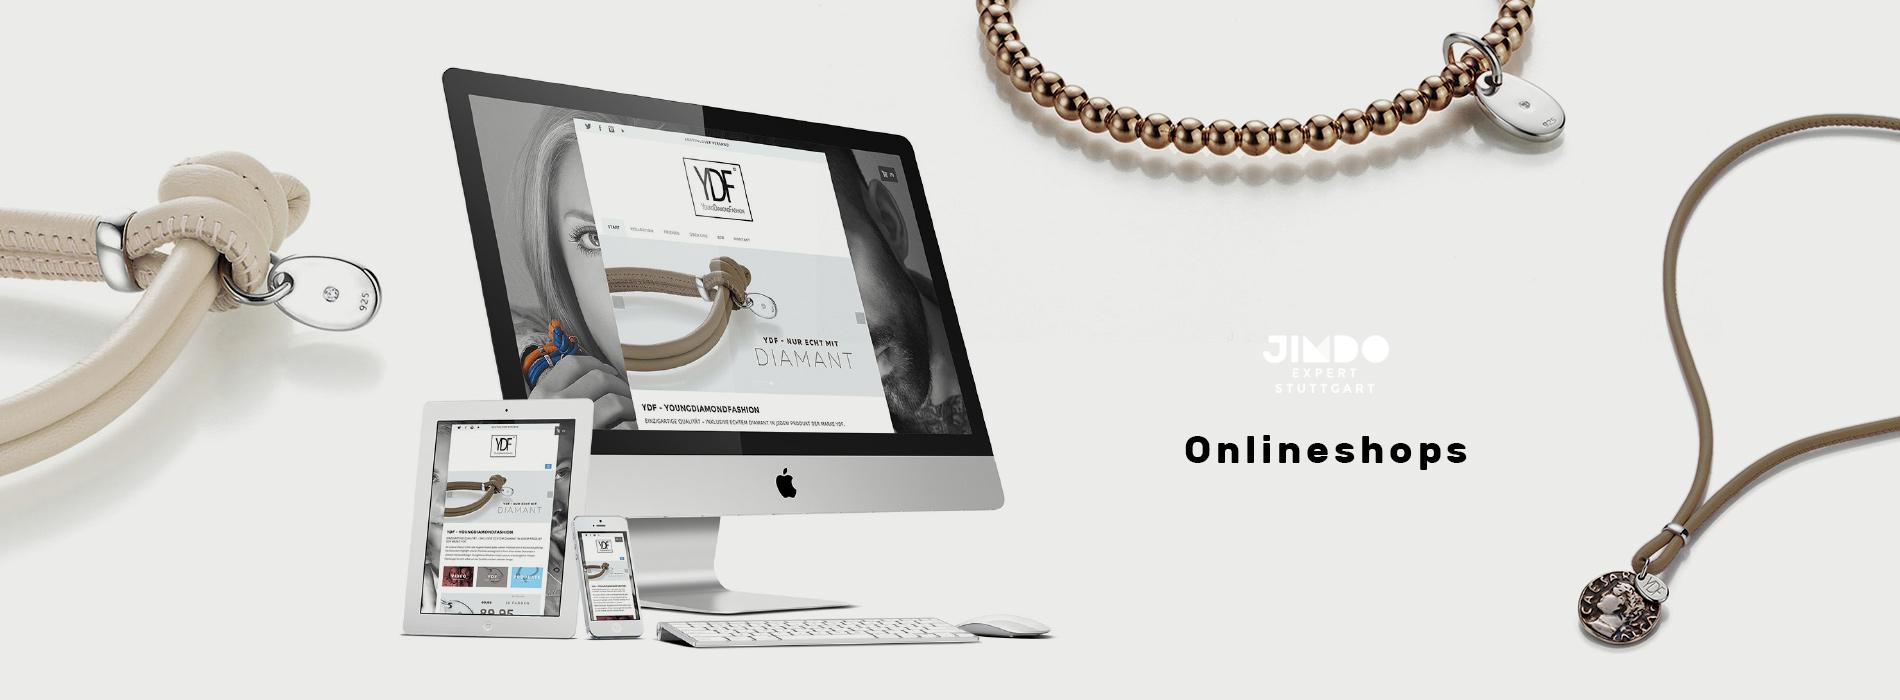 Jimdo Expert Stuttgart - Webdesign Onlineshop - Peter Scheerer